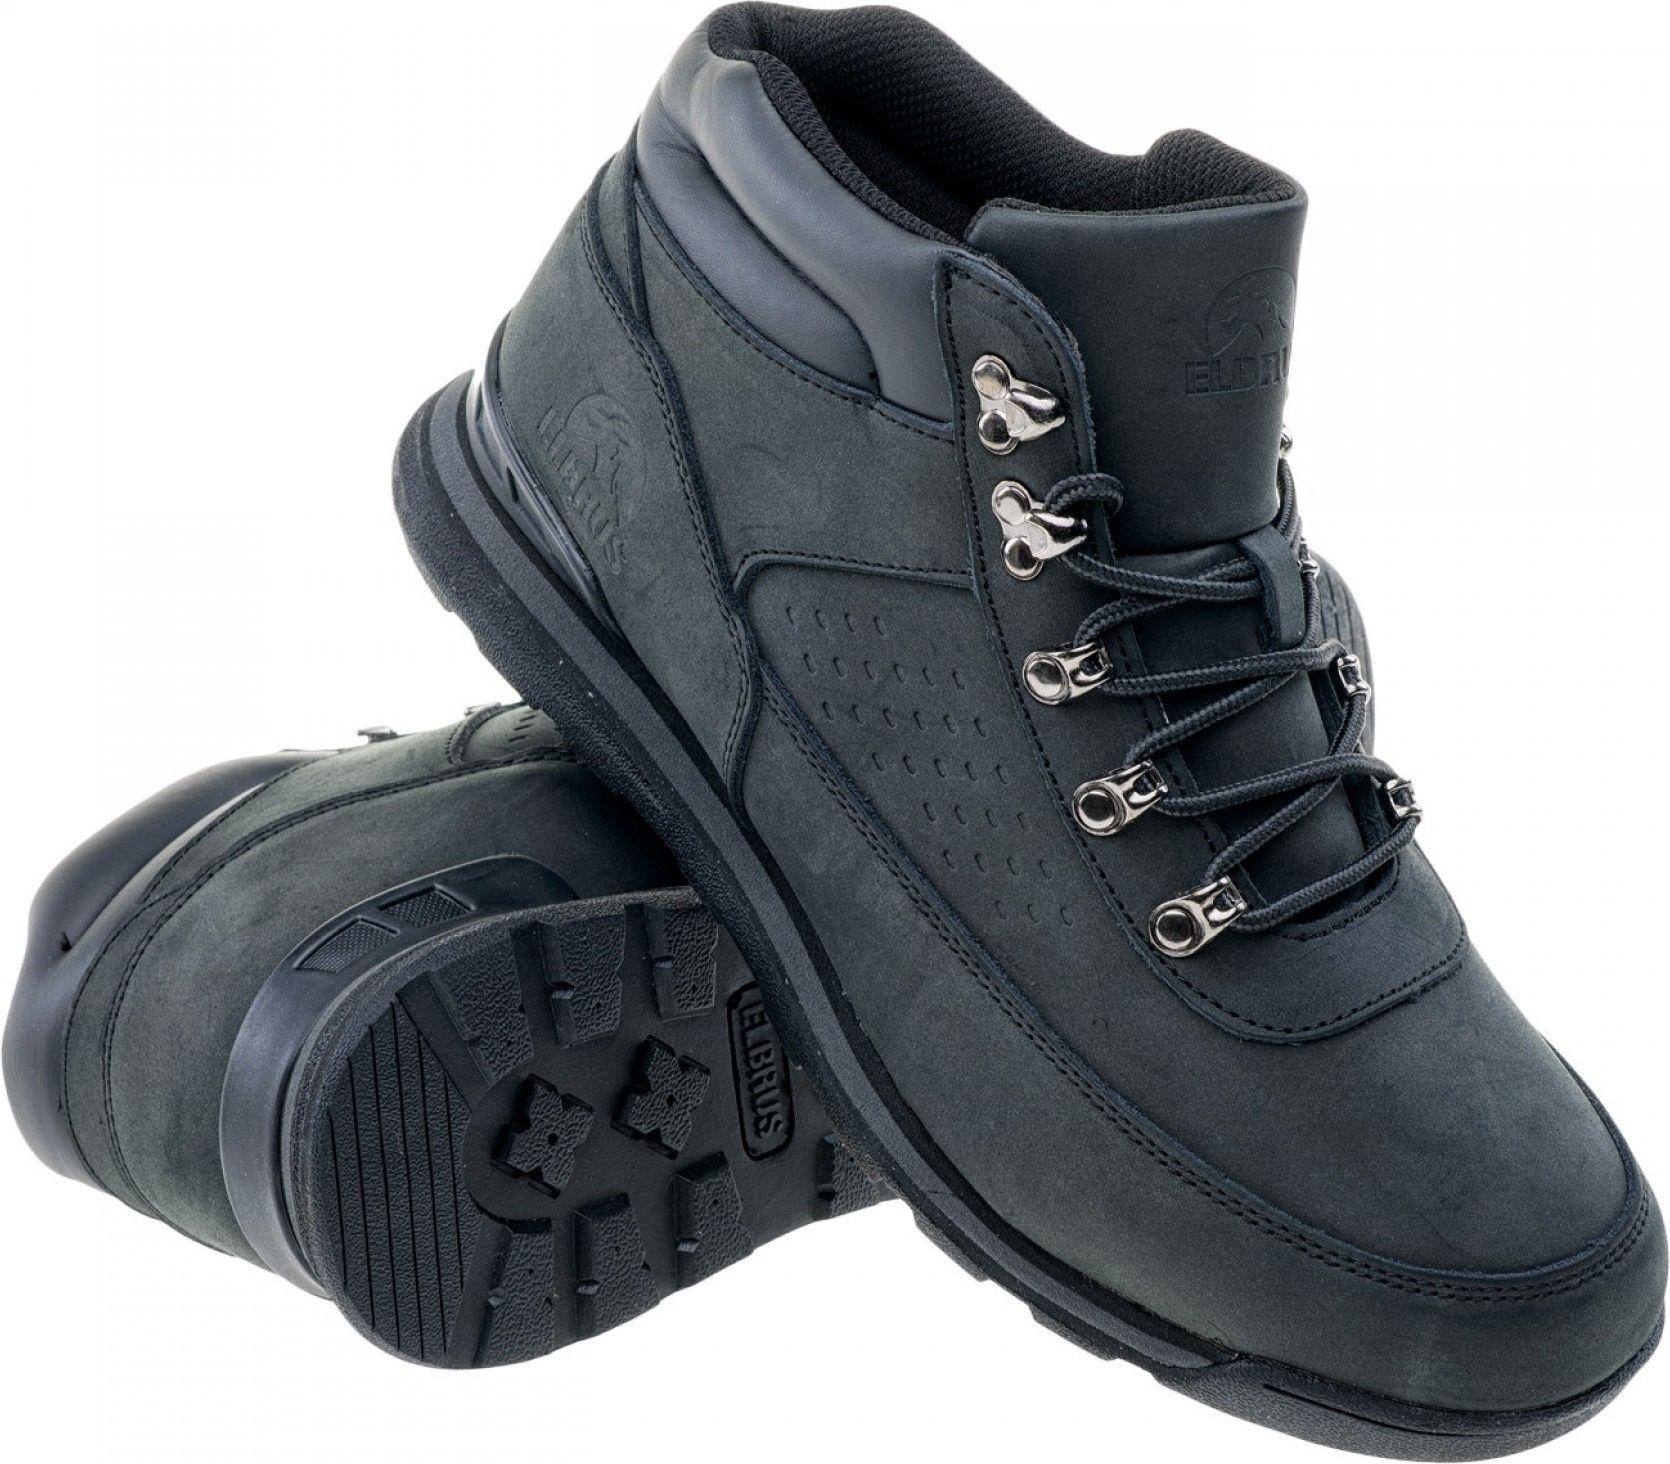 Elbrus Buty meskie Kalem Mid Black r. 44 5902786063574 Tūrisma apavi